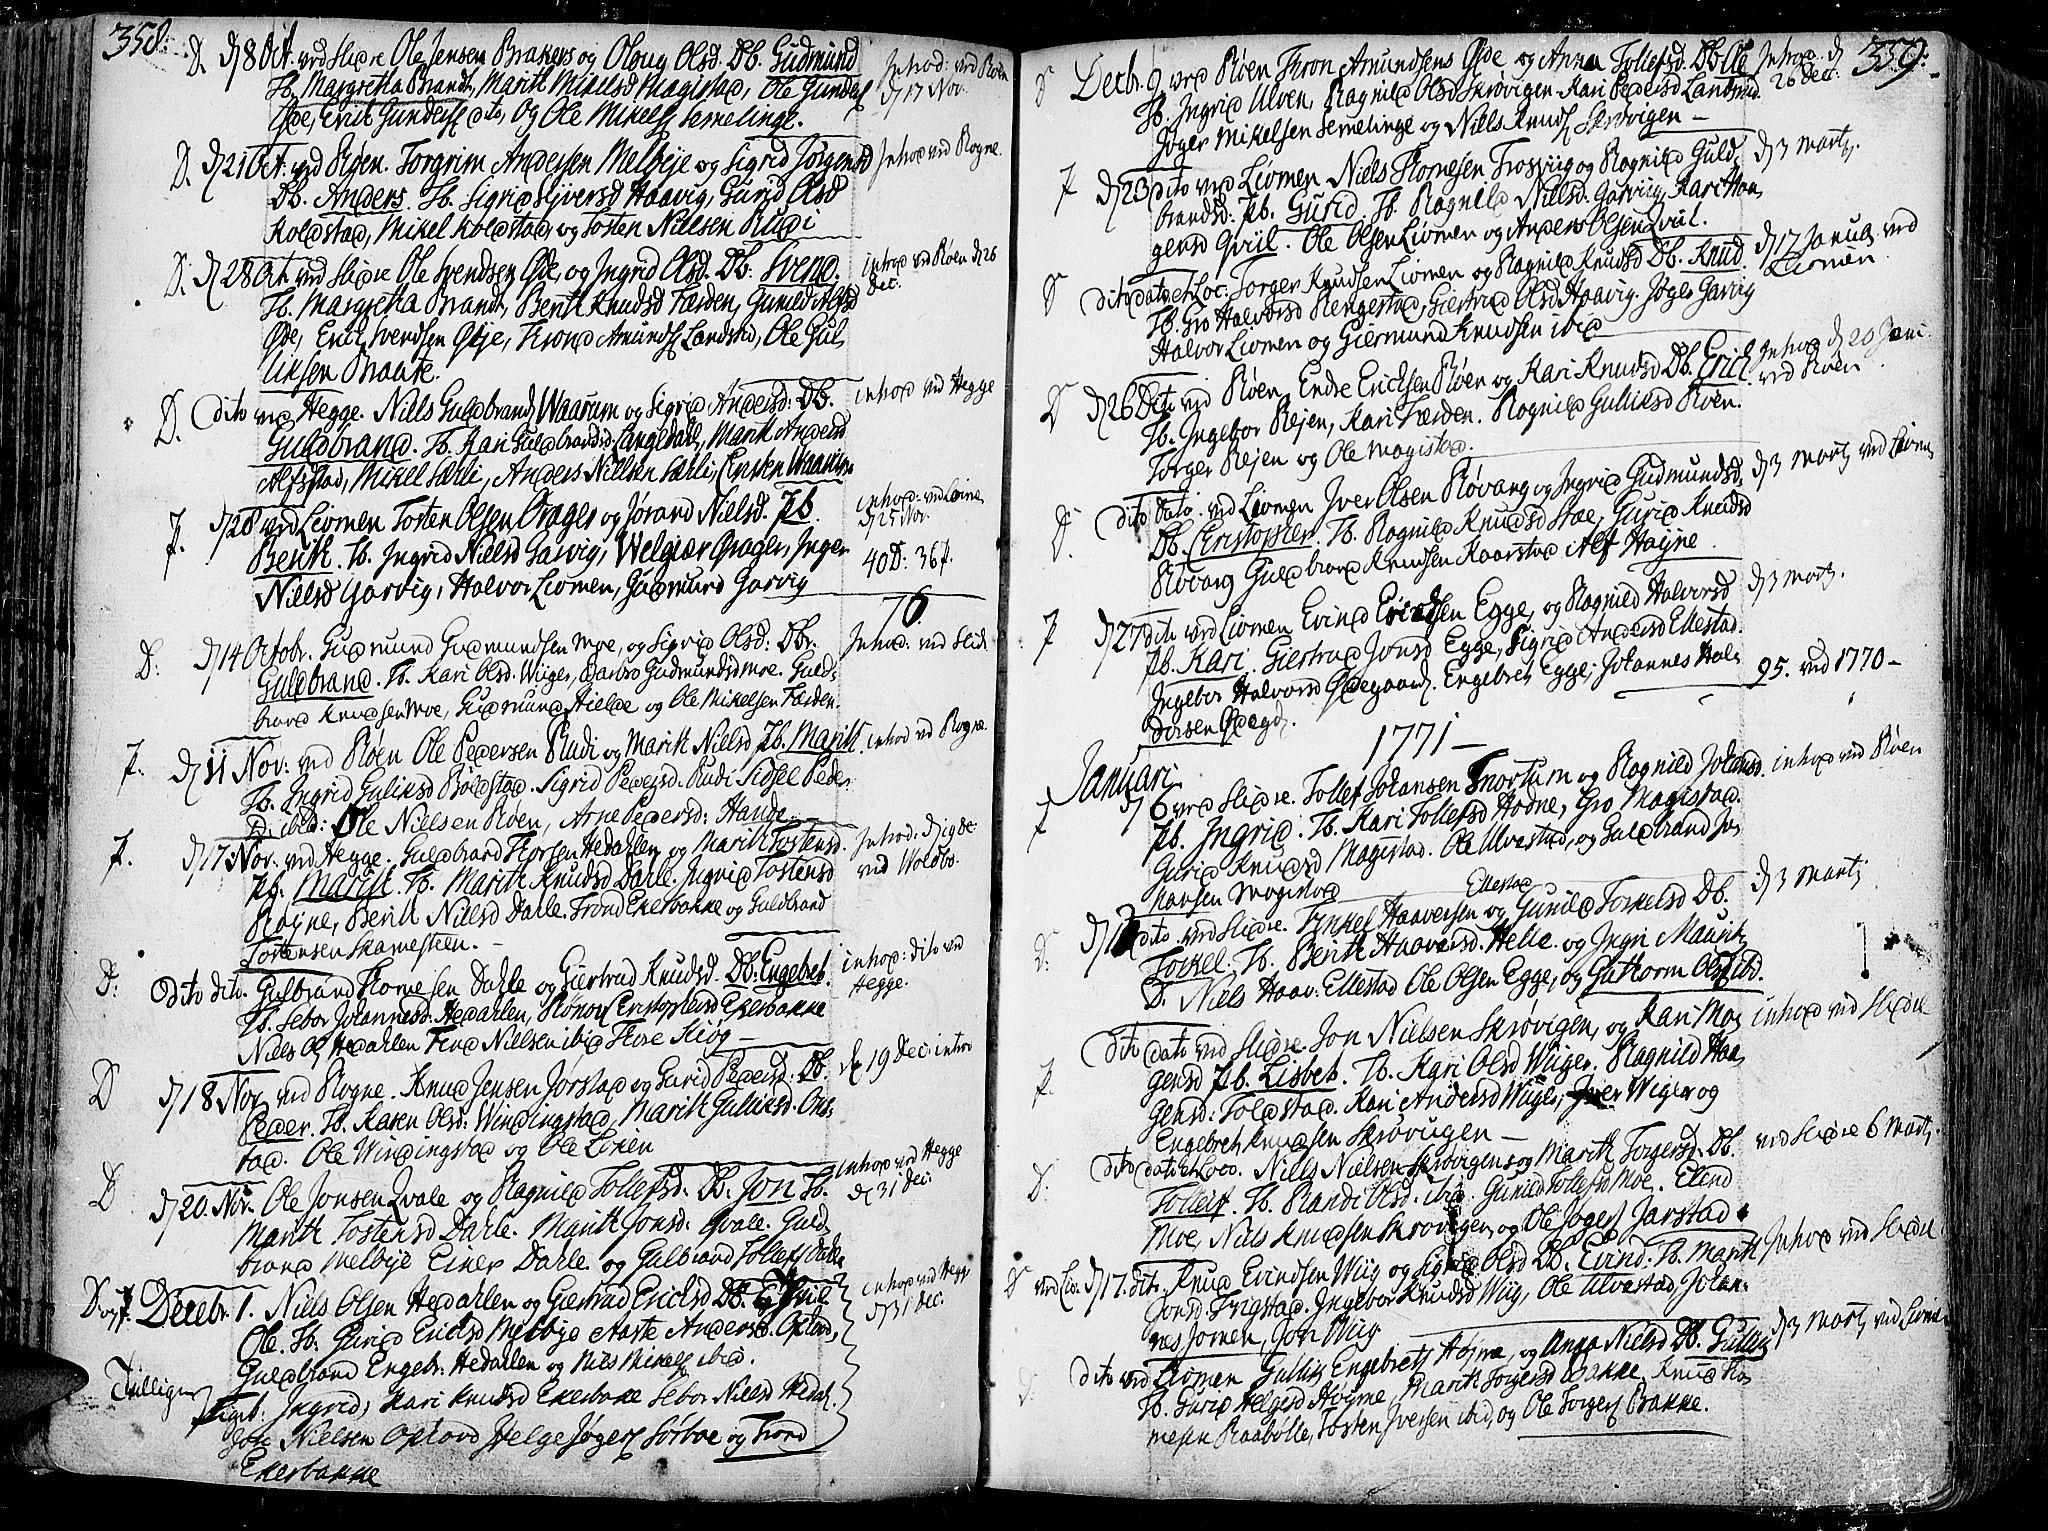 SAH, Slidre prestekontor, Ministerialbok nr. 1, 1724-1814, s. 358-359